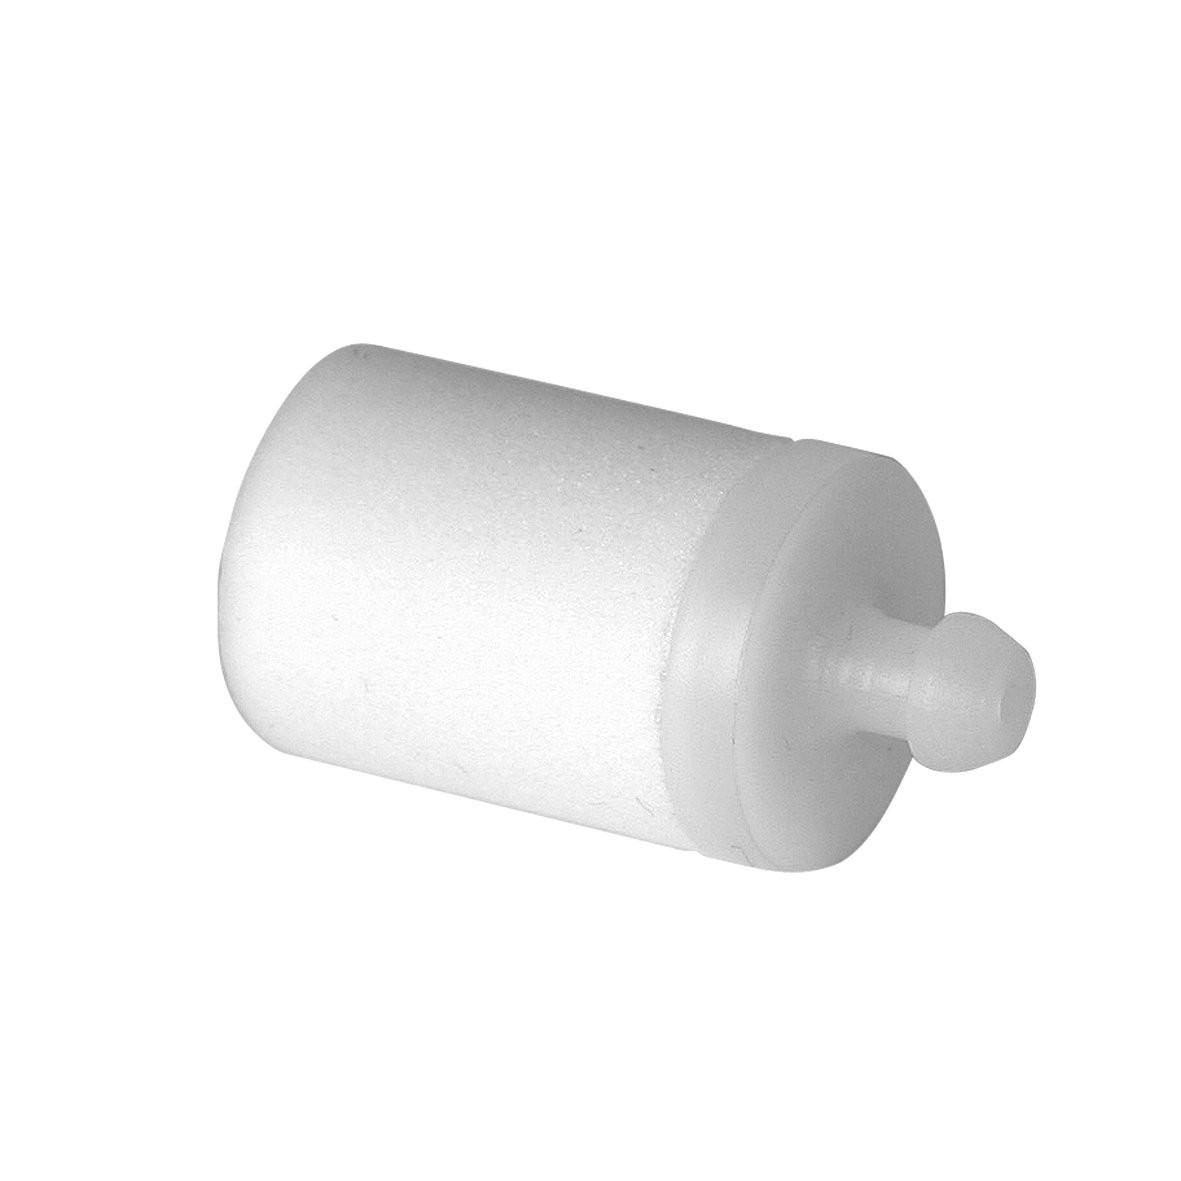 Filtr univerzální palivový pro řetězové pily - hrdlo 5mm  (typ: Stihl)